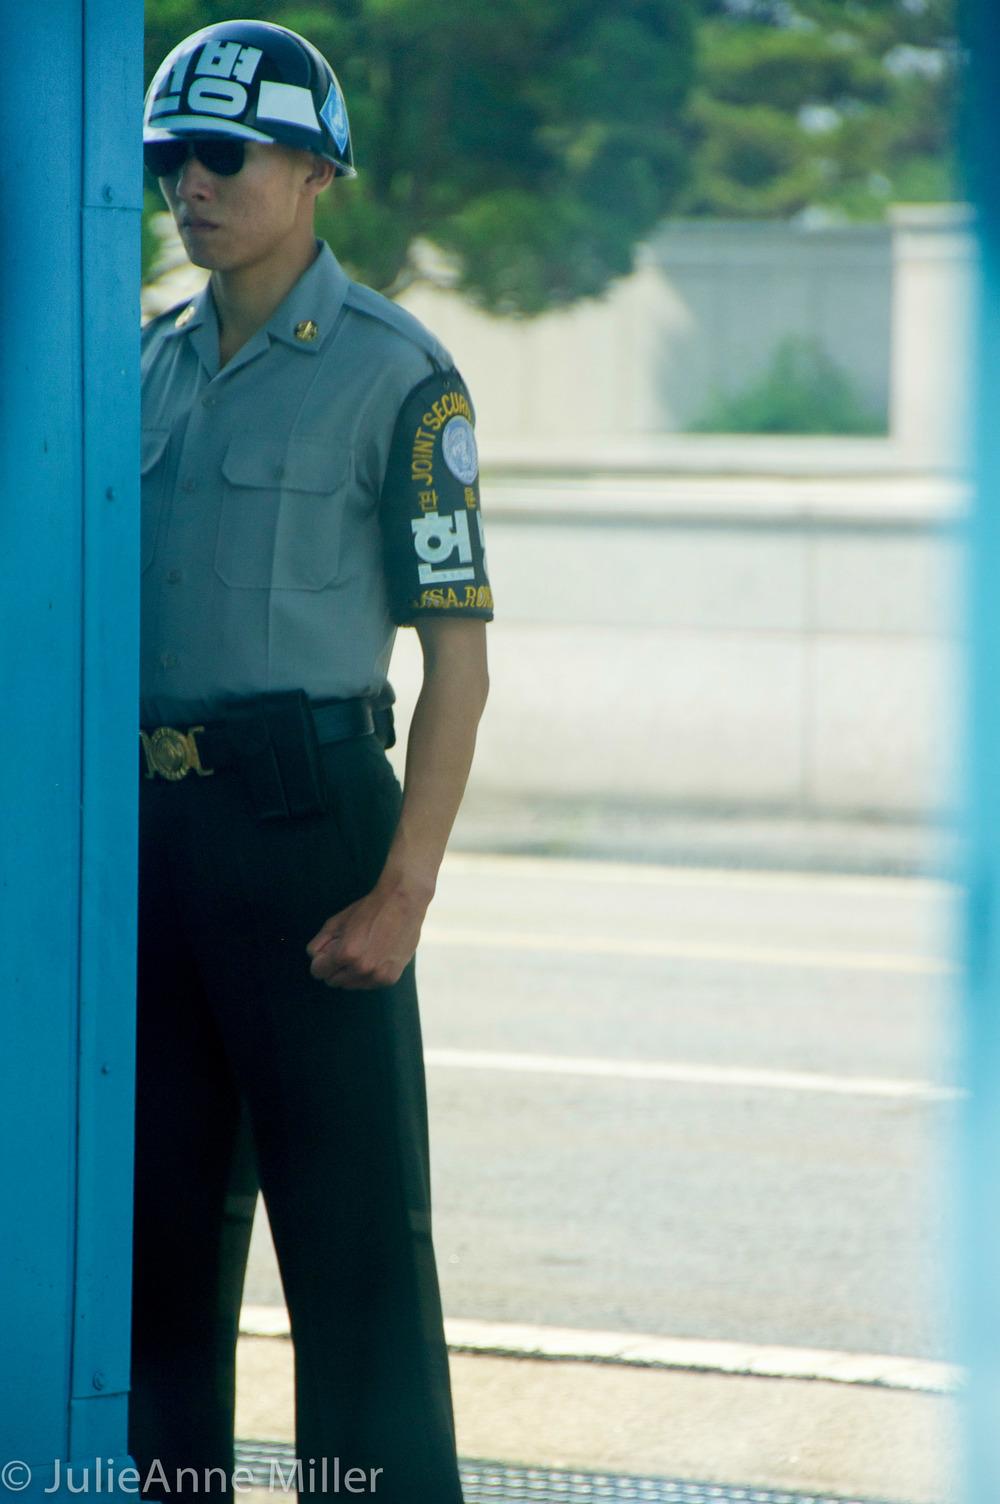 ROK soldier